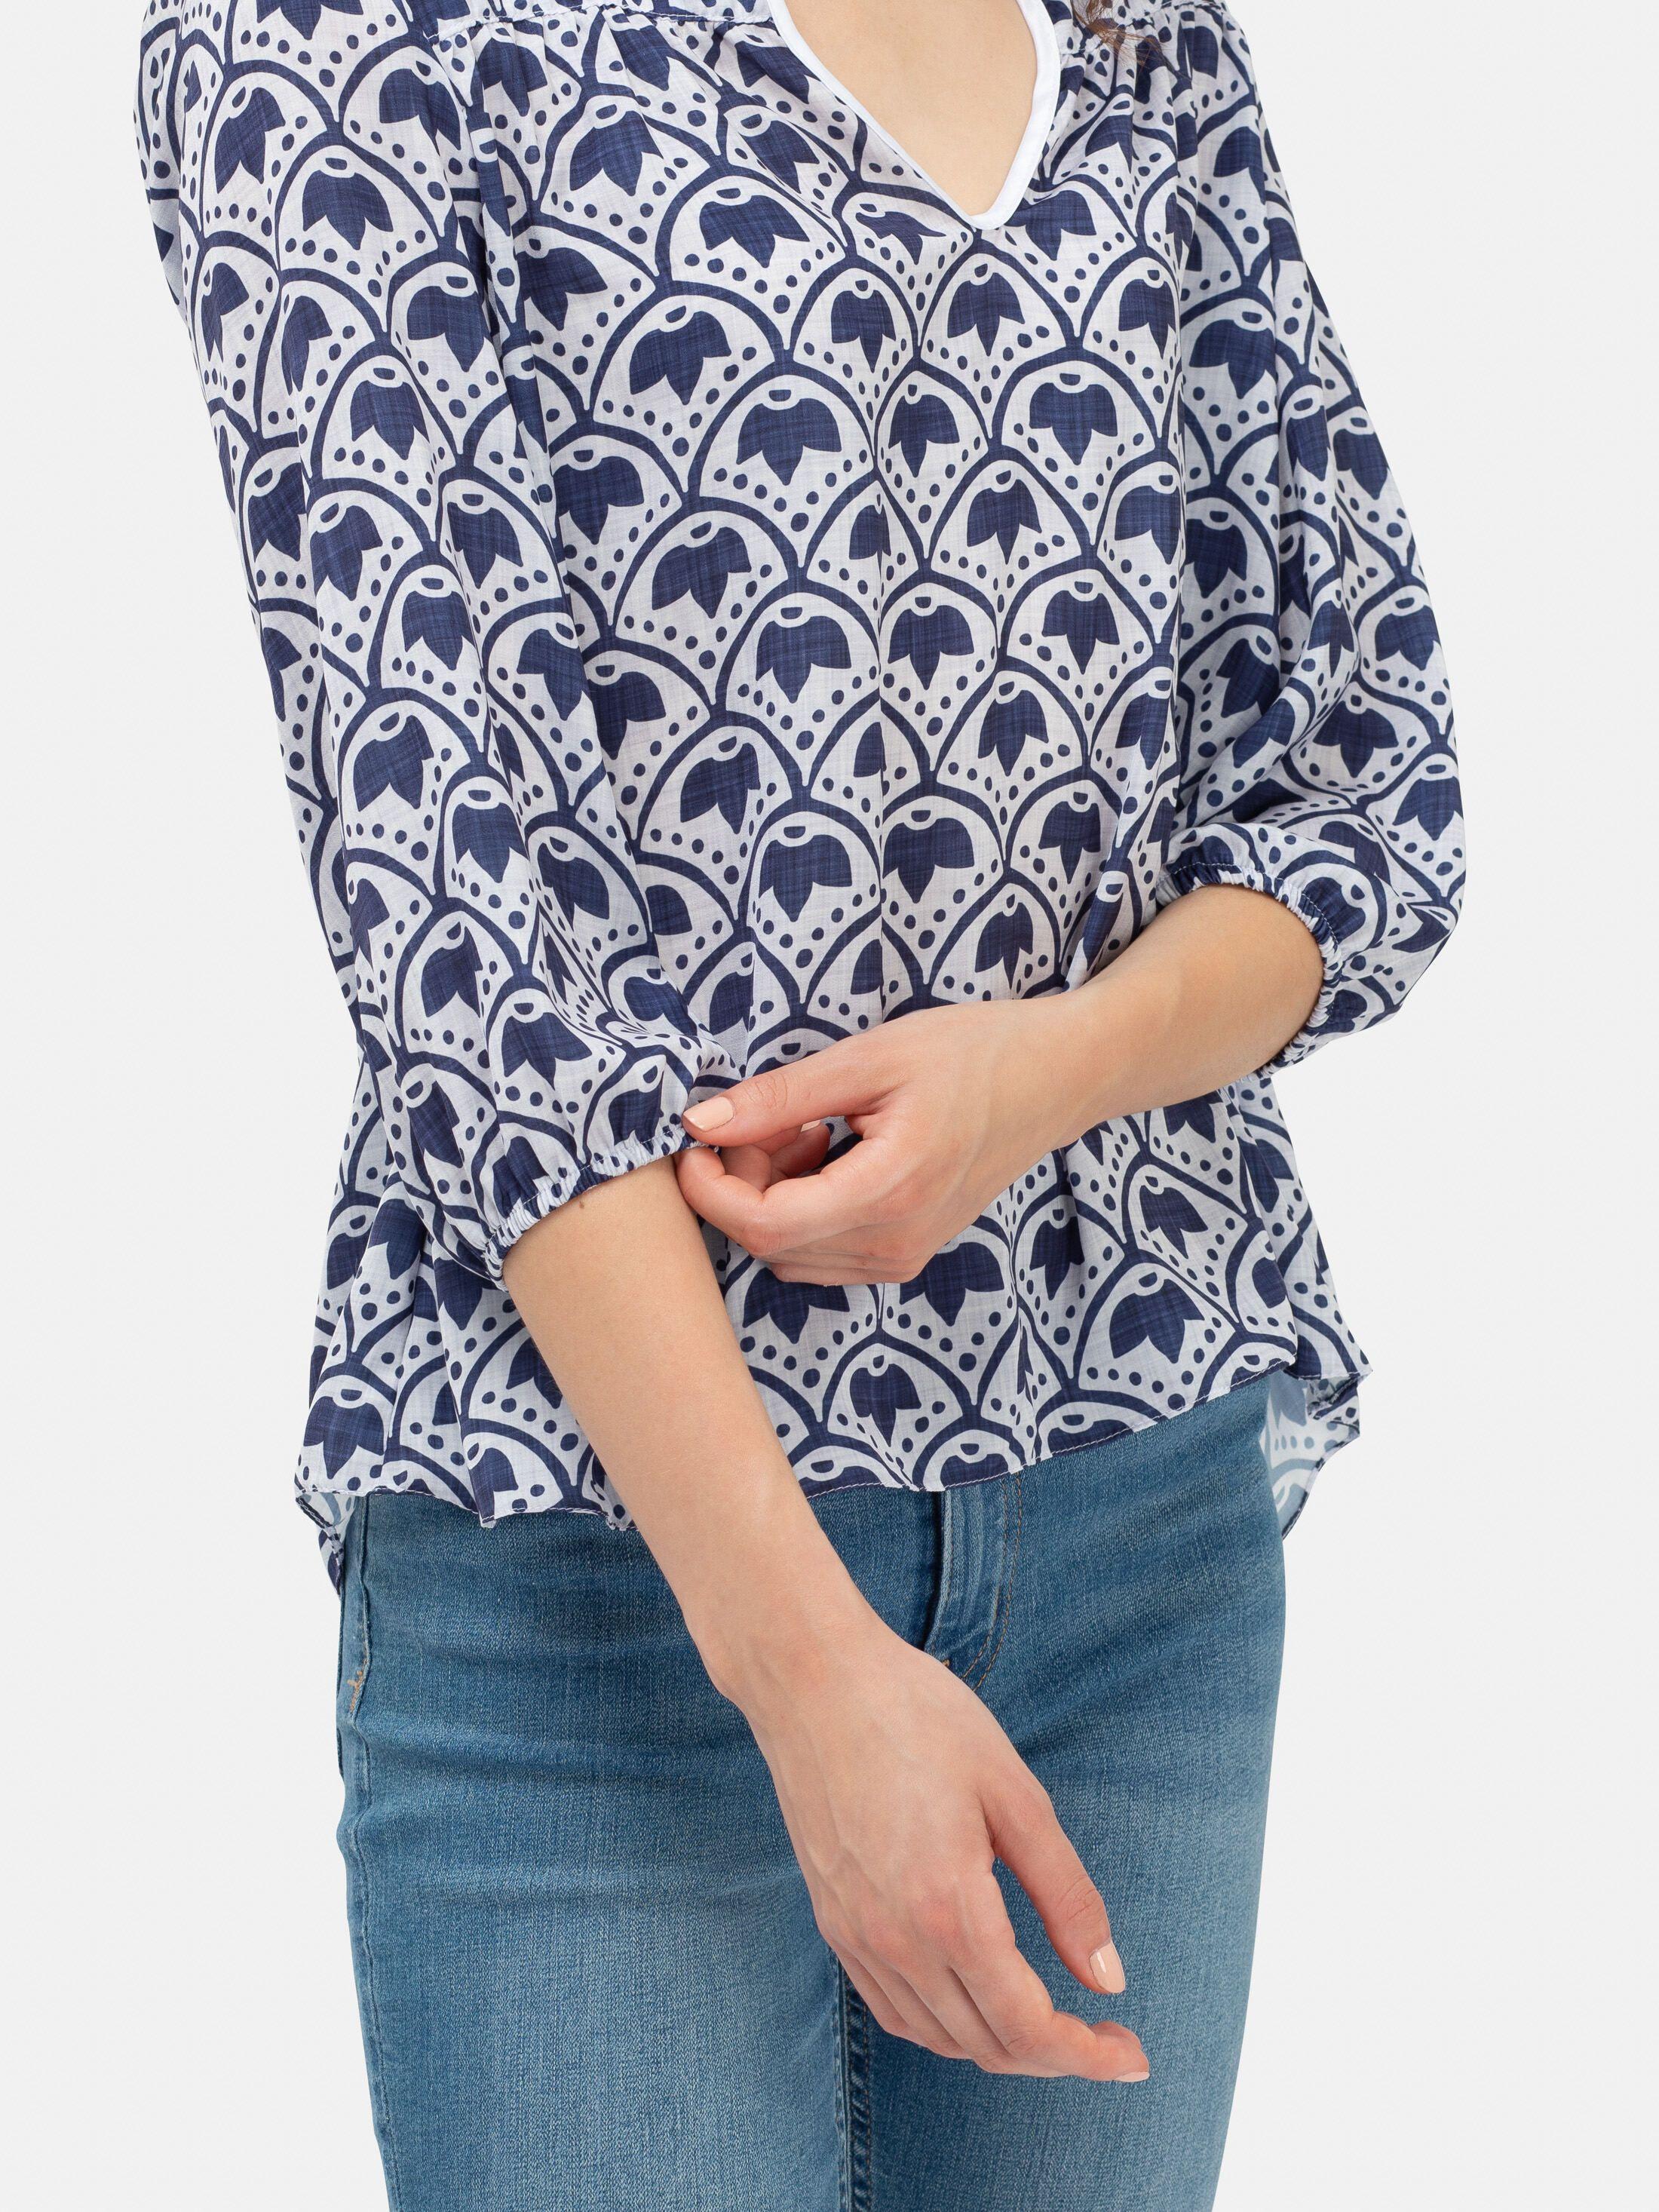 Détails de la blouse imprimée